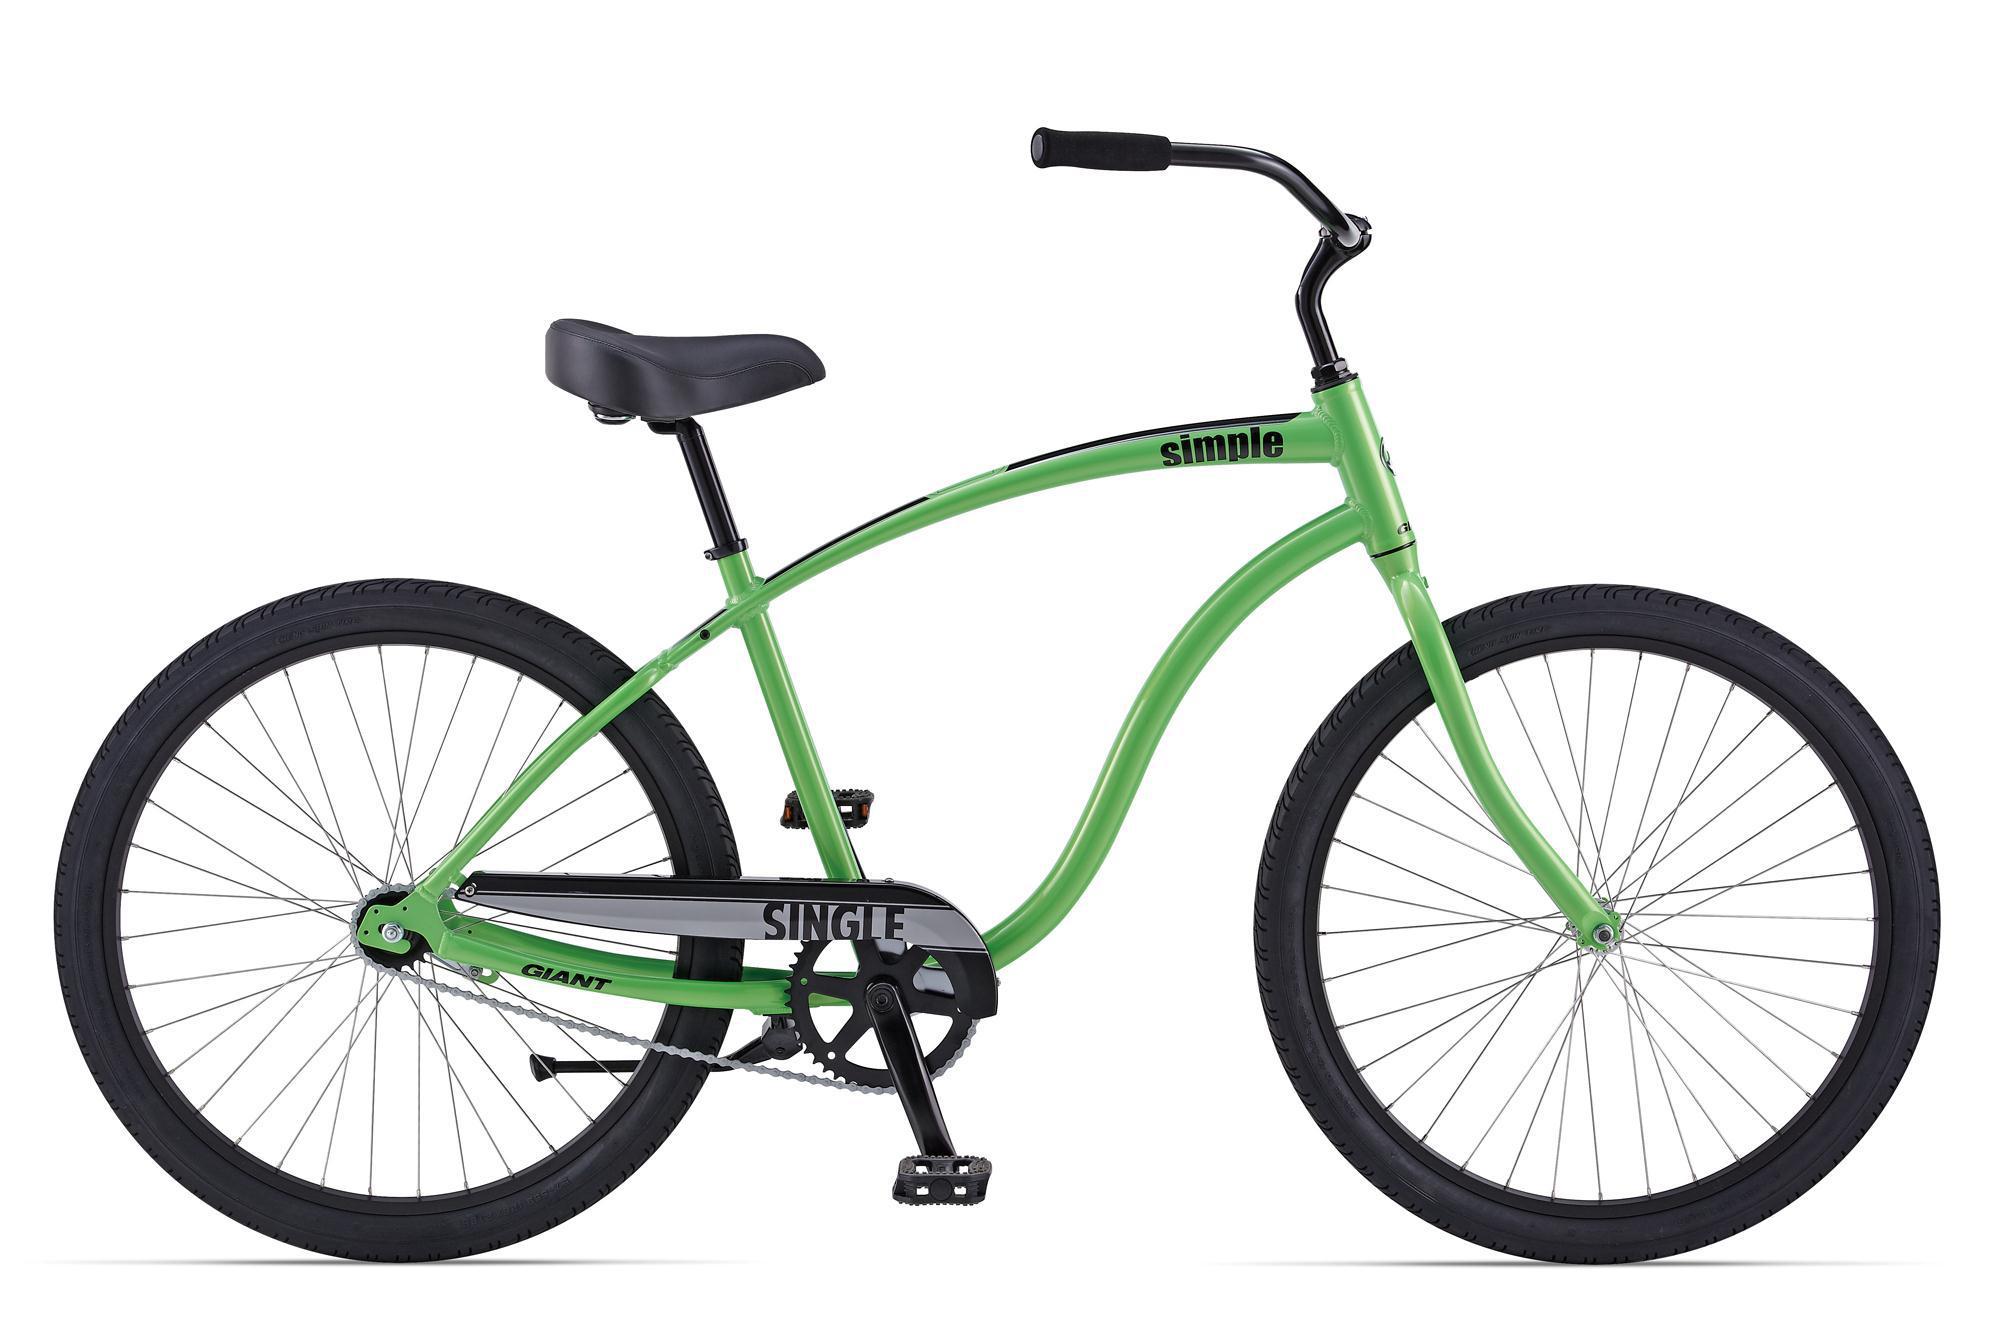 Giant Simple Single (2014)Городские<br>Для ценителей стильных, красивых и немного ретро велосипедов. Велосипеды этой серии созданы для спокойной, размеренной езды. Широкие покрышки, мягкое и удобное седло, неповторимой формы руль, удобная посадка - всё это делает езду на велосипеде максимально комфортной. Ничего лишнего, только педали, руль и колеса. Ретро круизеры созданы удивлять, восхищаться и приносить непередаваемые эмоции, как владельцу, так и проходящим мимо завистникам. Дизайн легких алюминиевых круизеров Giant Simple Single напоминает мотоцикл Harley из американских фильмов. Этот пляжный велосипед комплектуется широкими сликовыми покрышками и большим удобным седлом.<br>